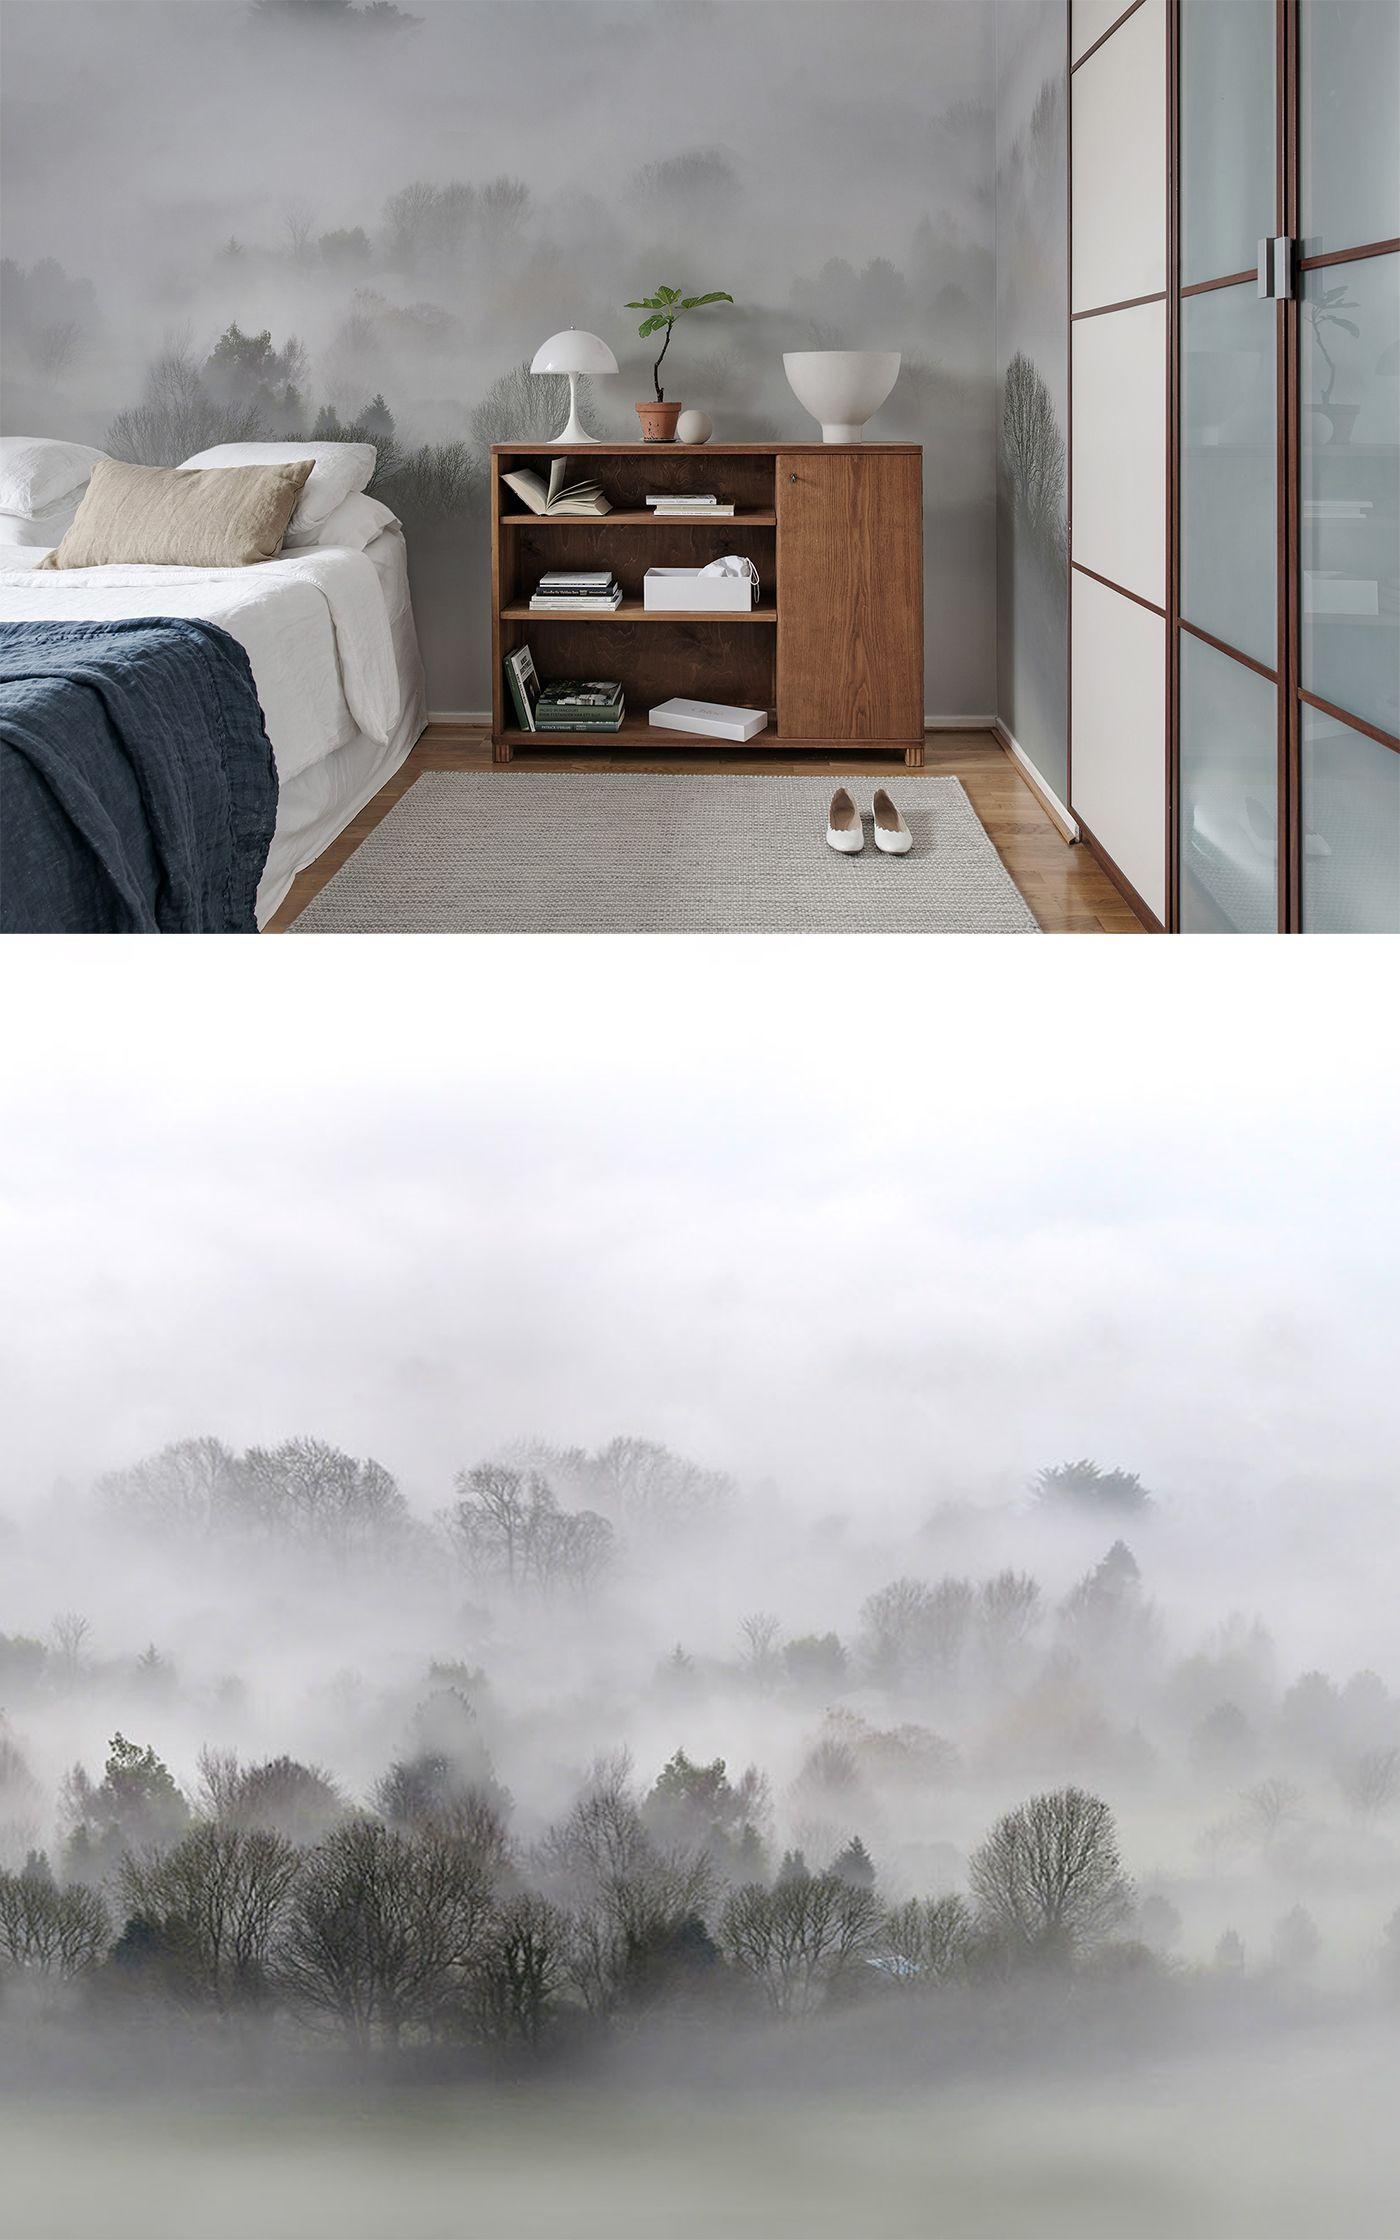 Full Size of Schlafzimmer Tapeten 2020 Morning Fog In Wohnzimmer Komplettangebote Deckenlampe Set Weiß Vorhänge Loddenkemper Sitzbank Gardinen Für Die Küche Günstig Wohnzimmer Schlafzimmer Tapeten 2020